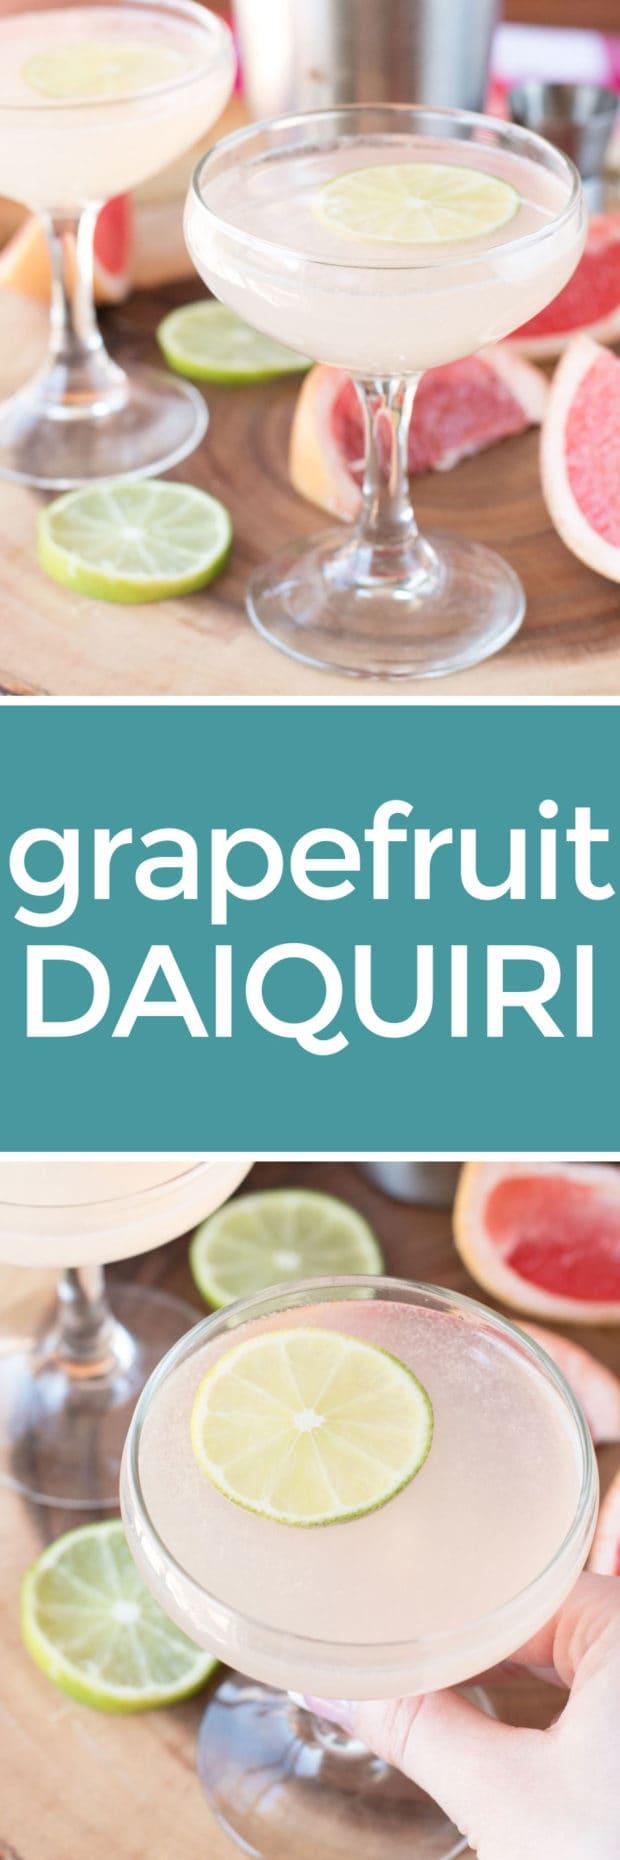 Grapefruit Daiquiri | cakenknife.com